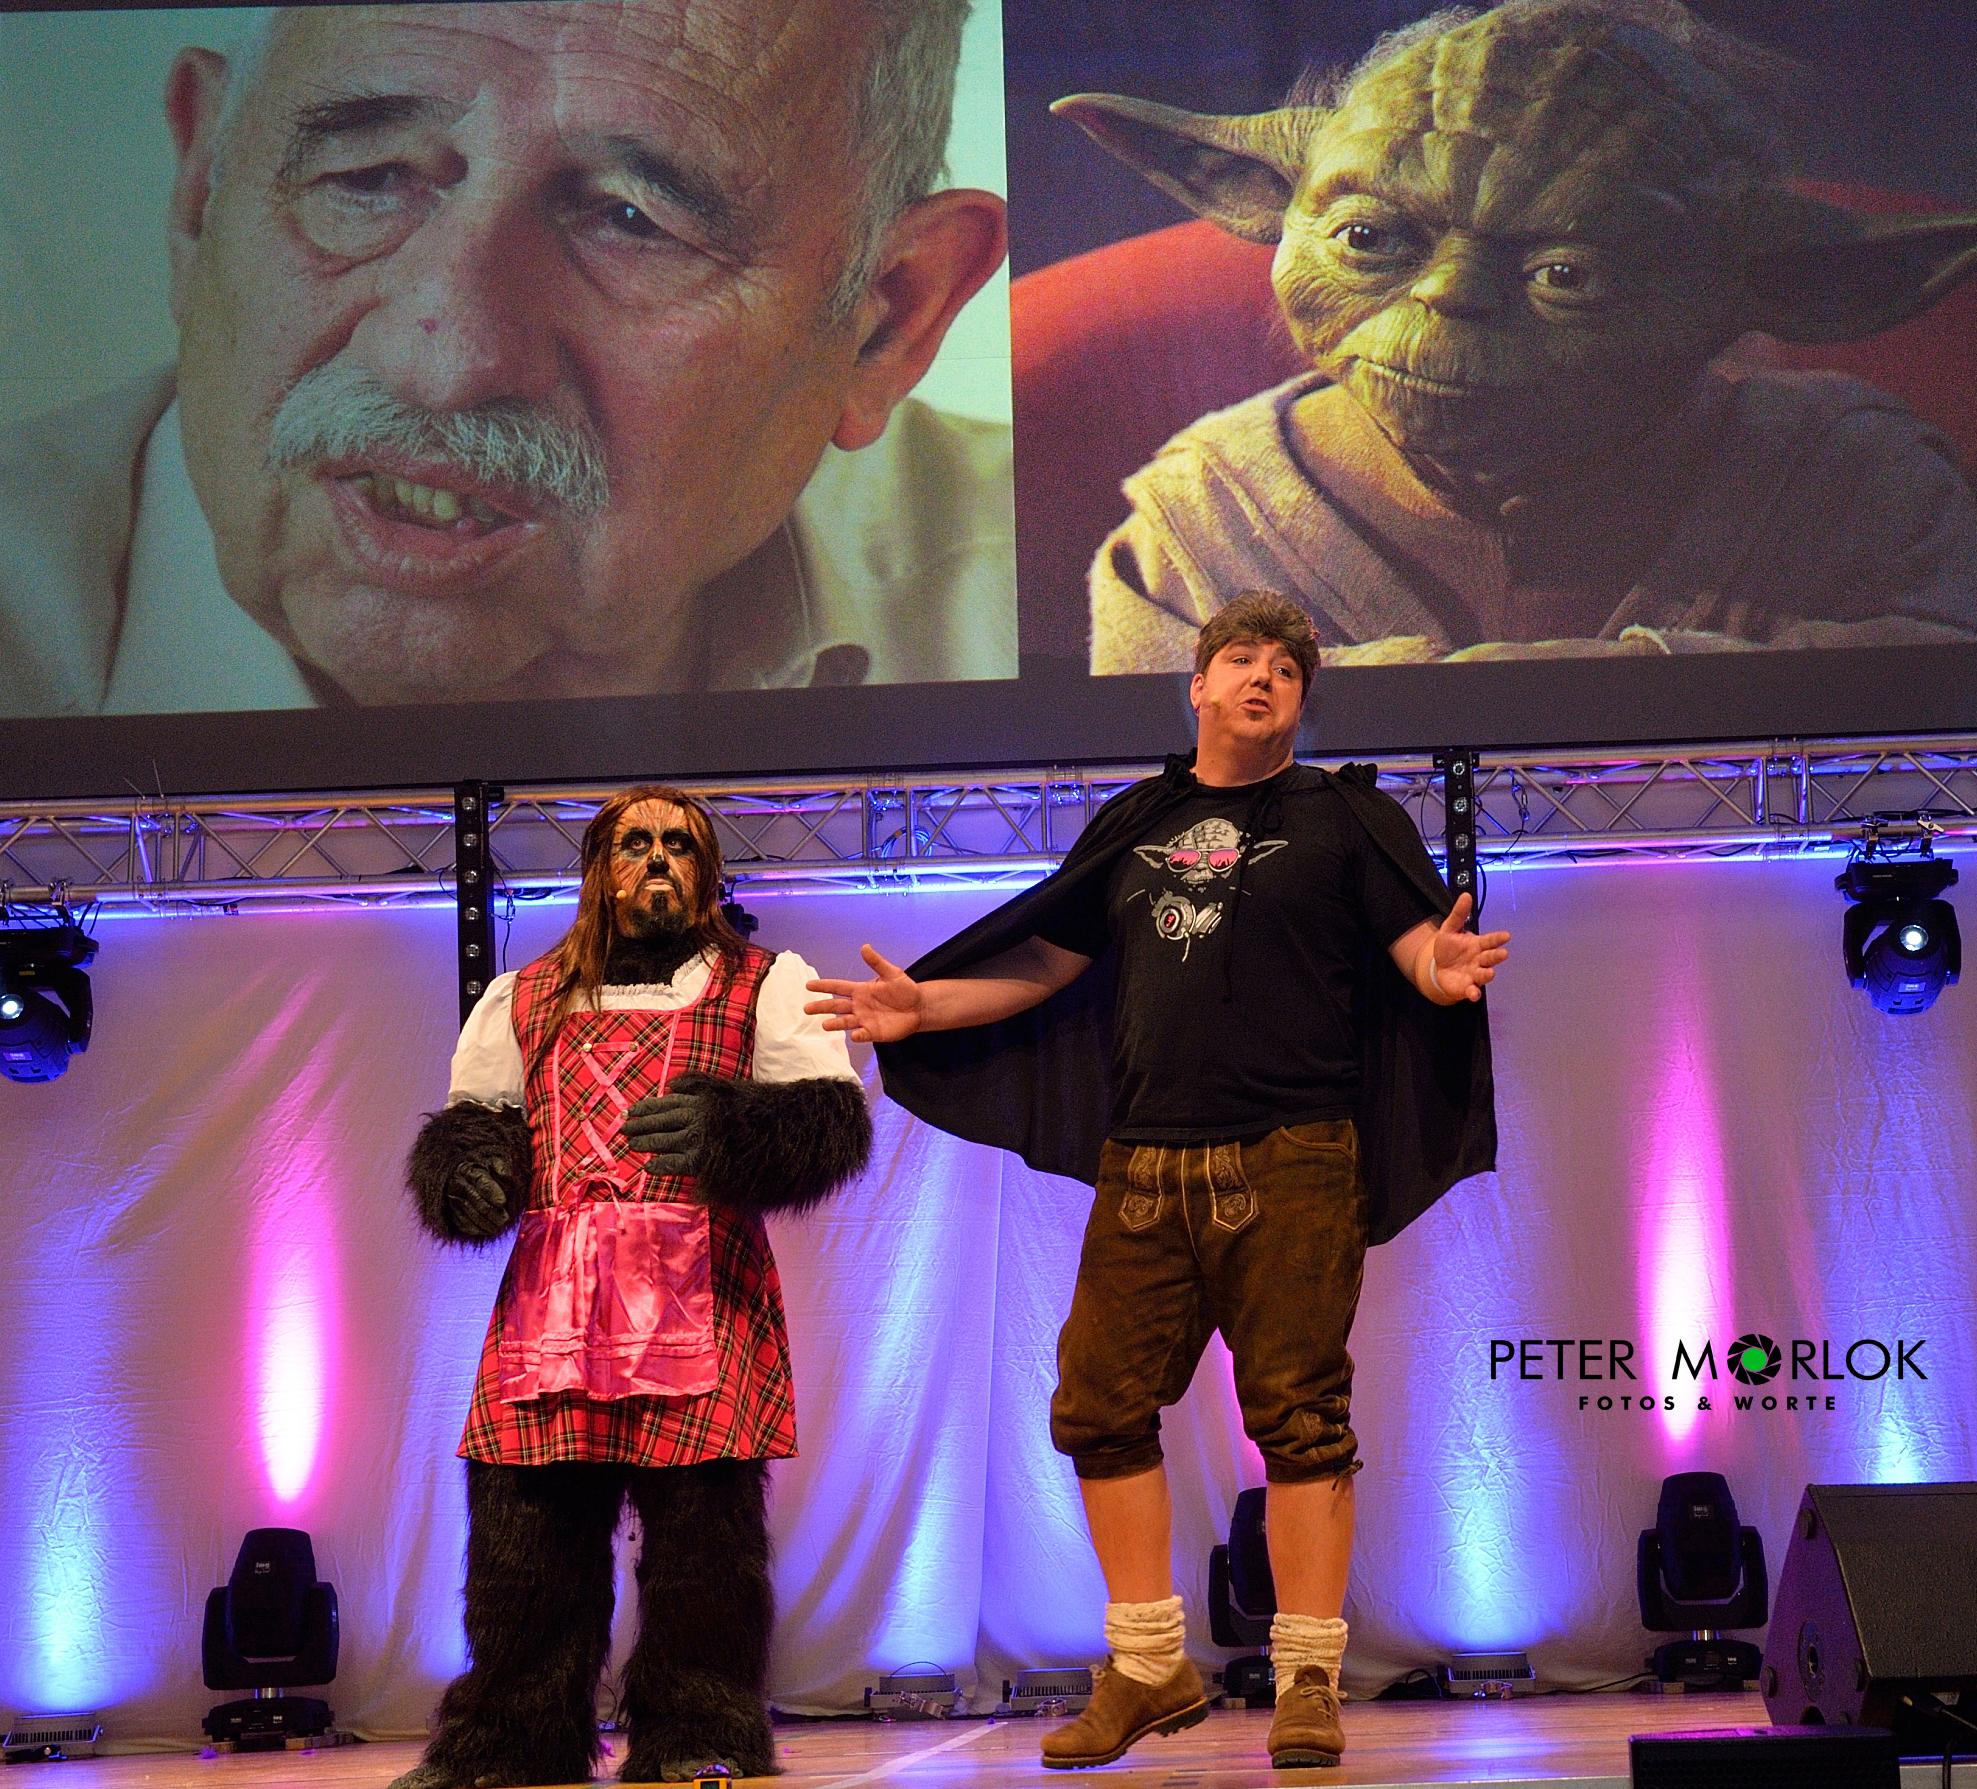 Jedi Meister Yoda und oiner, der aussieht wie er - da sta